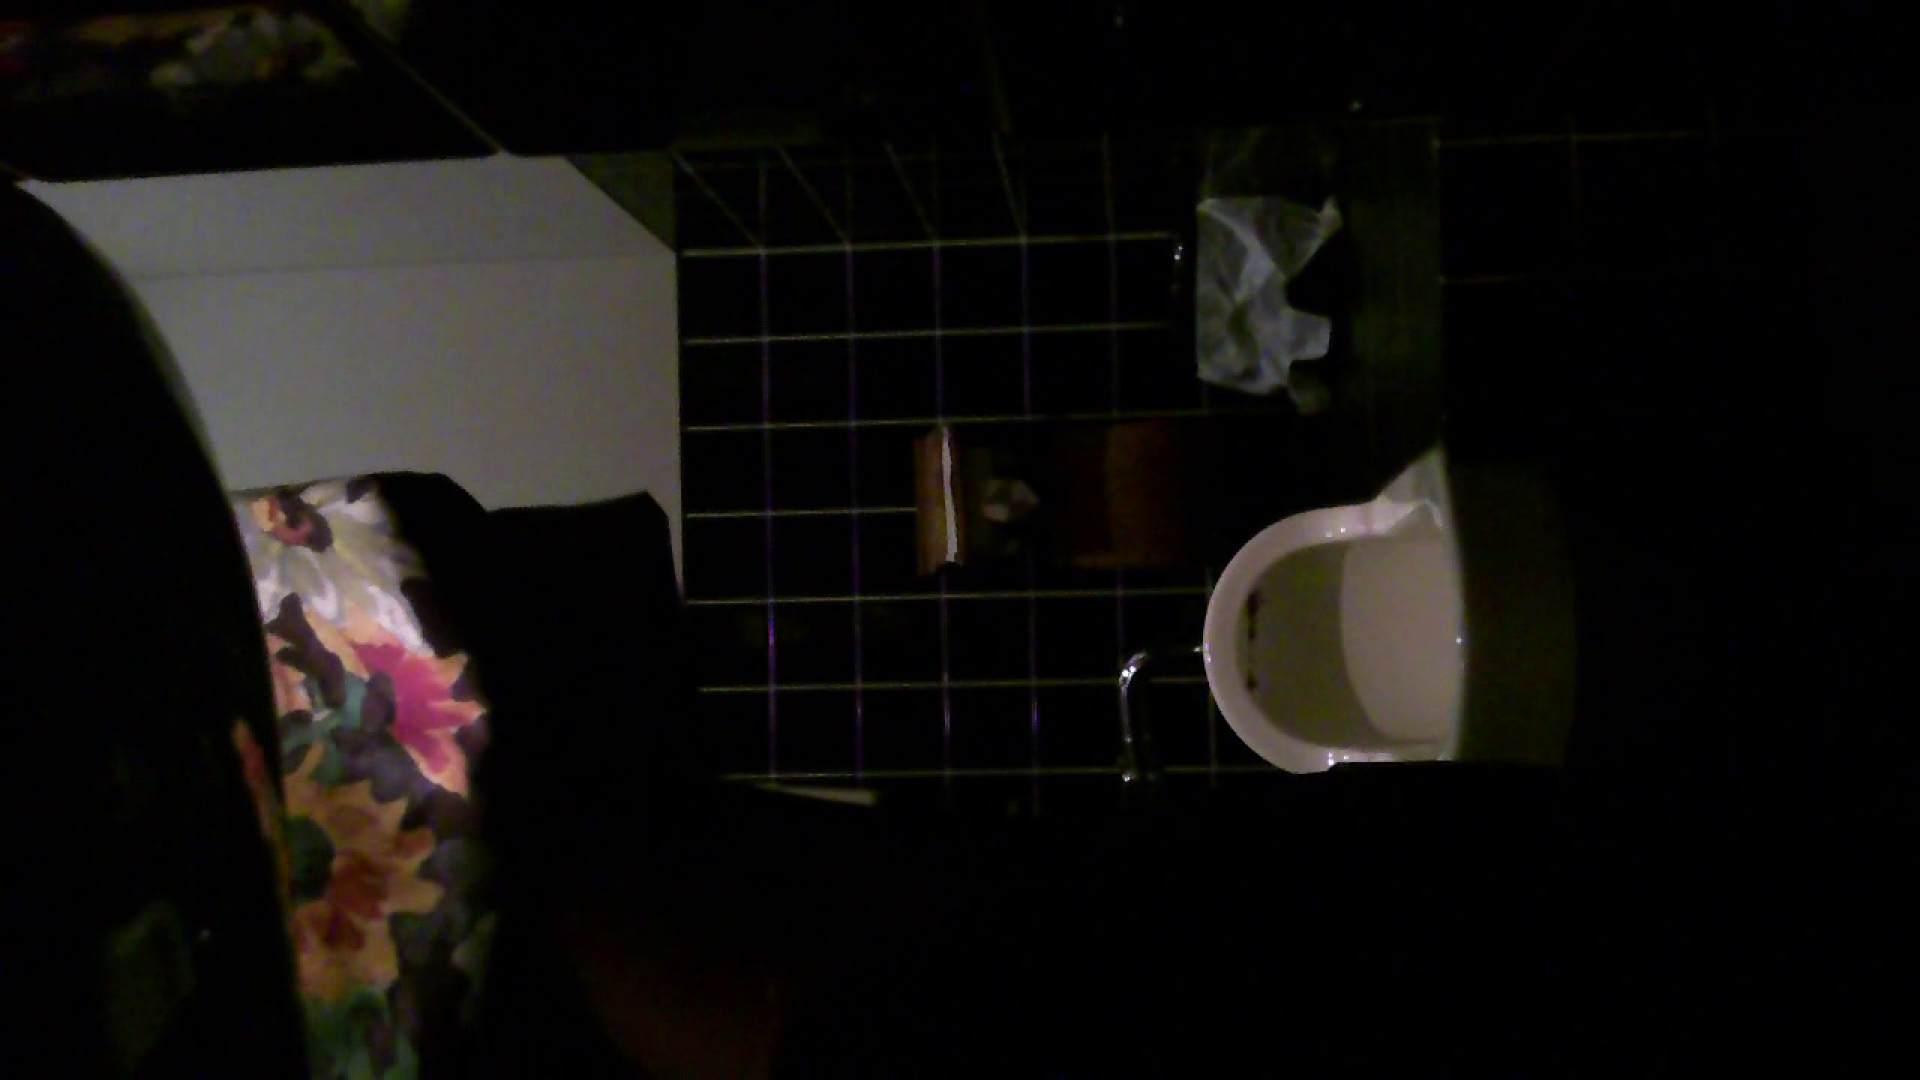 美女の集まる飲み屋洗面所 vol.04 美女 すけべAV動画紹介 109連発 97